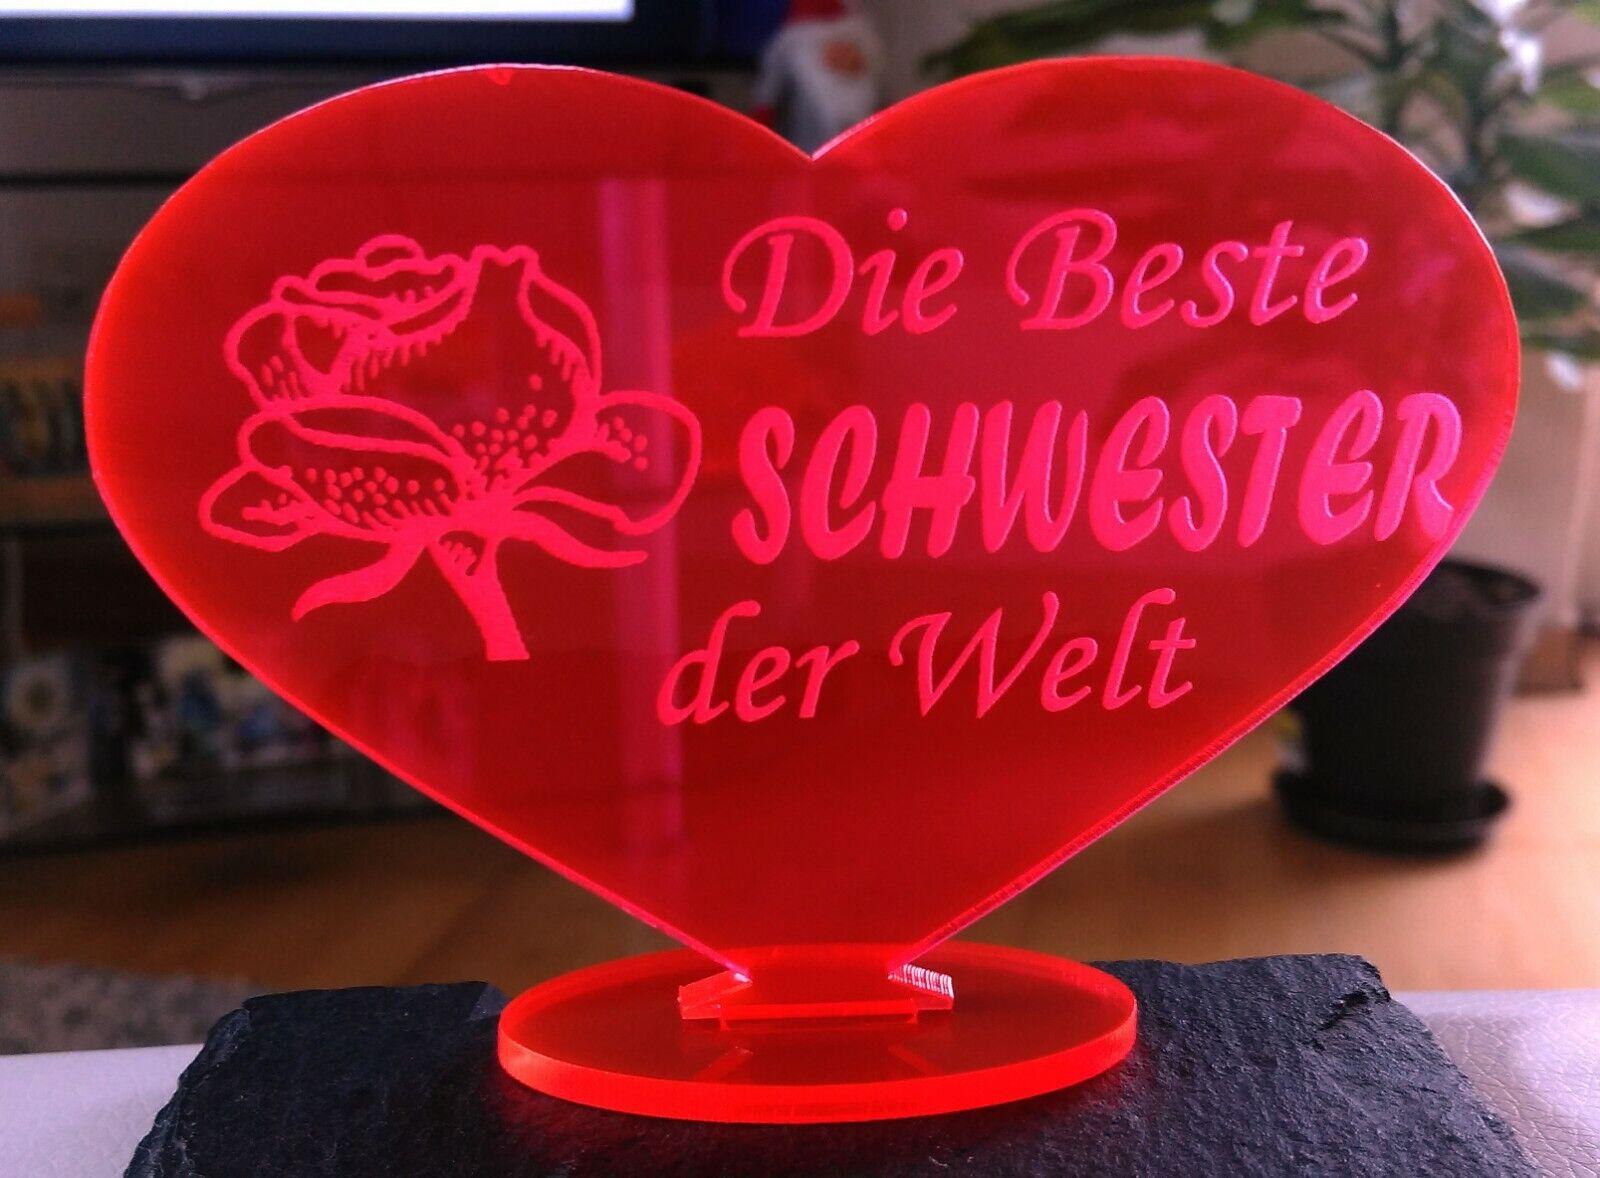 Herz Beste Schwester Muttertag Geschenk Schwester Geburtstag Liebe Ebay